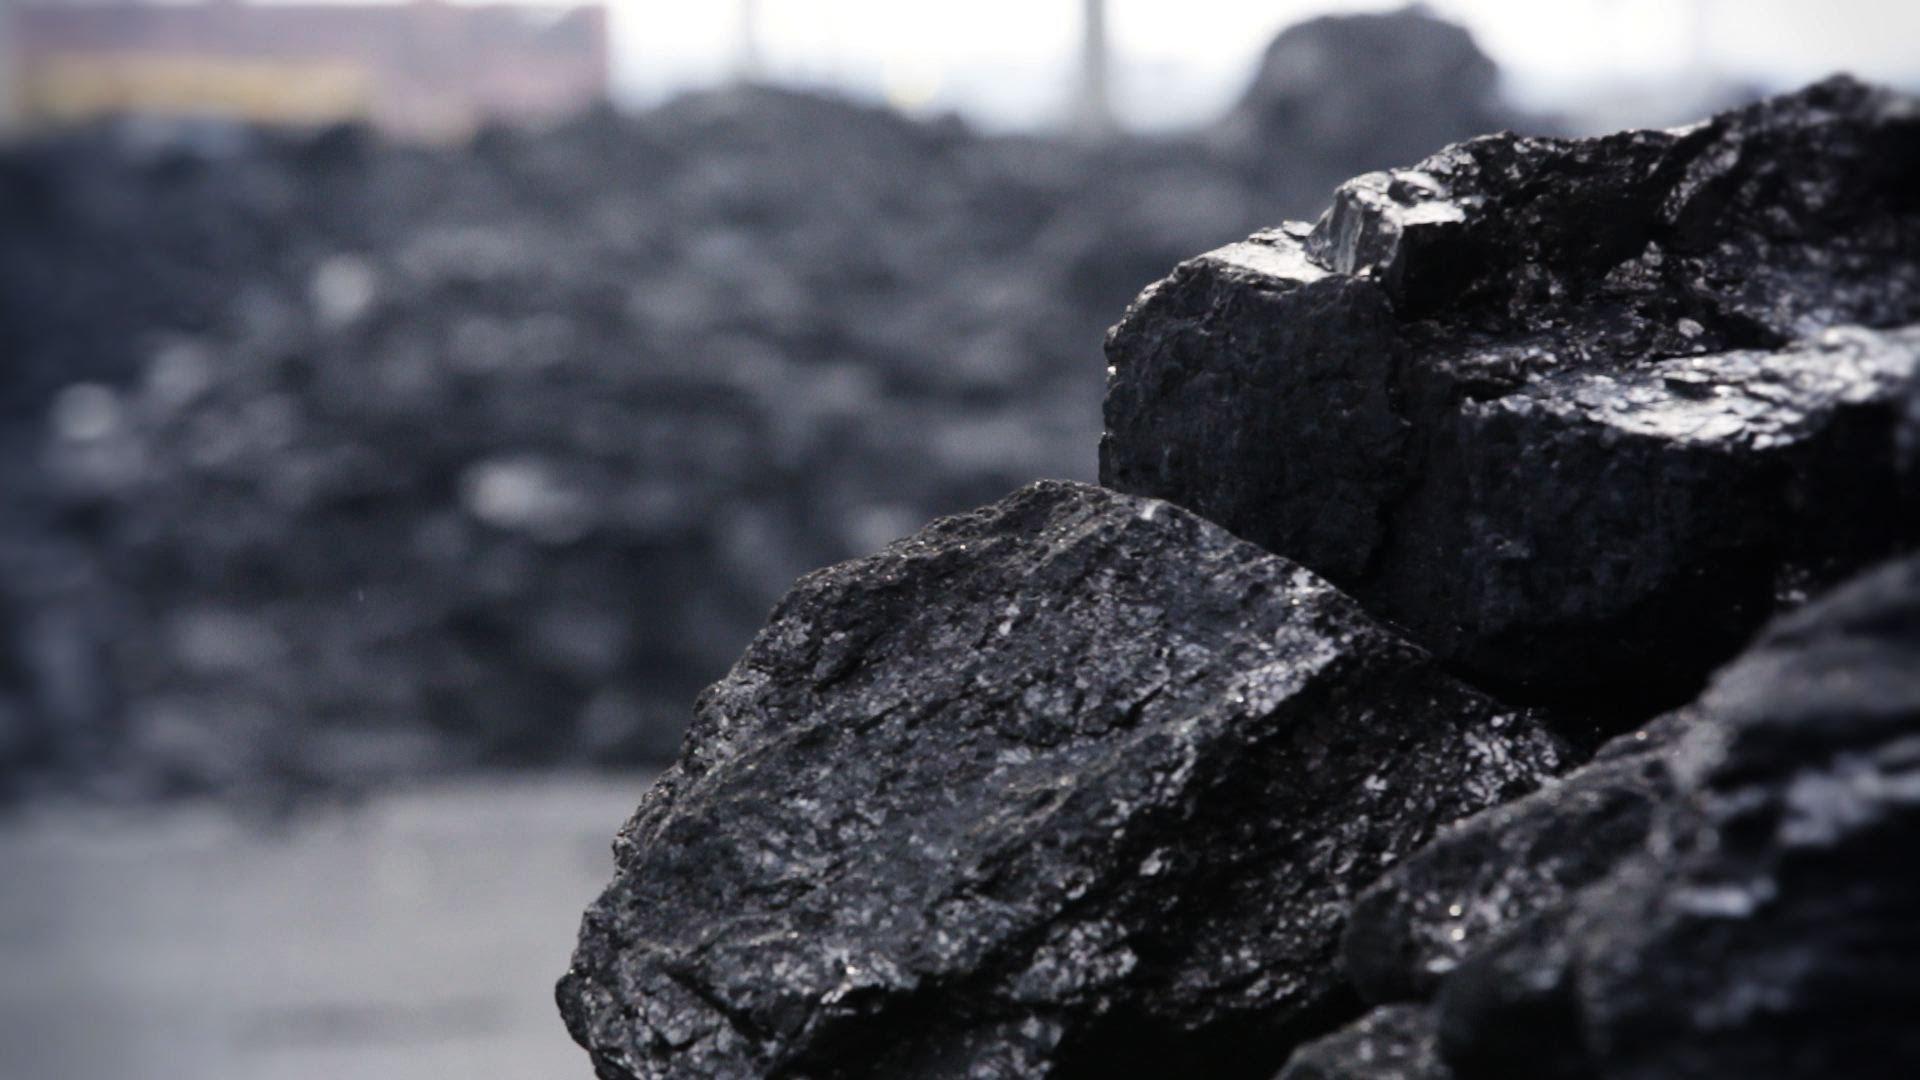 В Таджикистане уголь обходится дешевле, чем «зелёные» энергоисточники. Экологи бьют тревогу